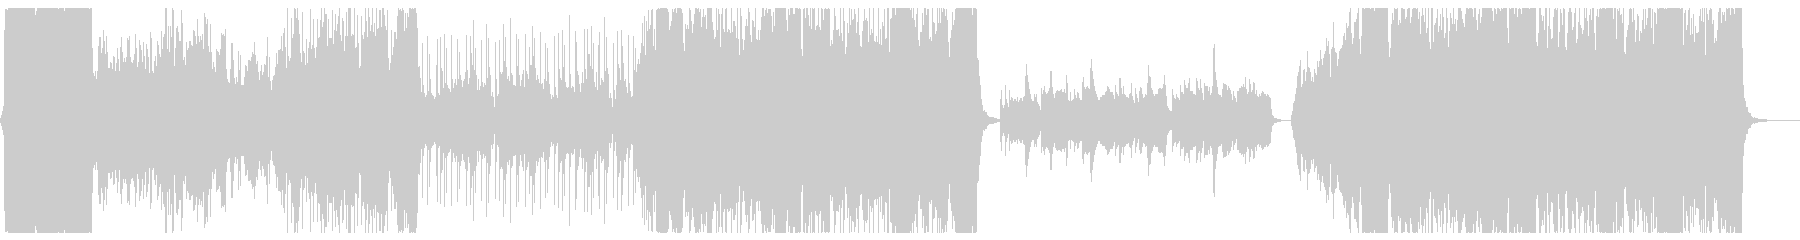 冒険の始まりをイメージしたオーケストラ2の未再生の波形